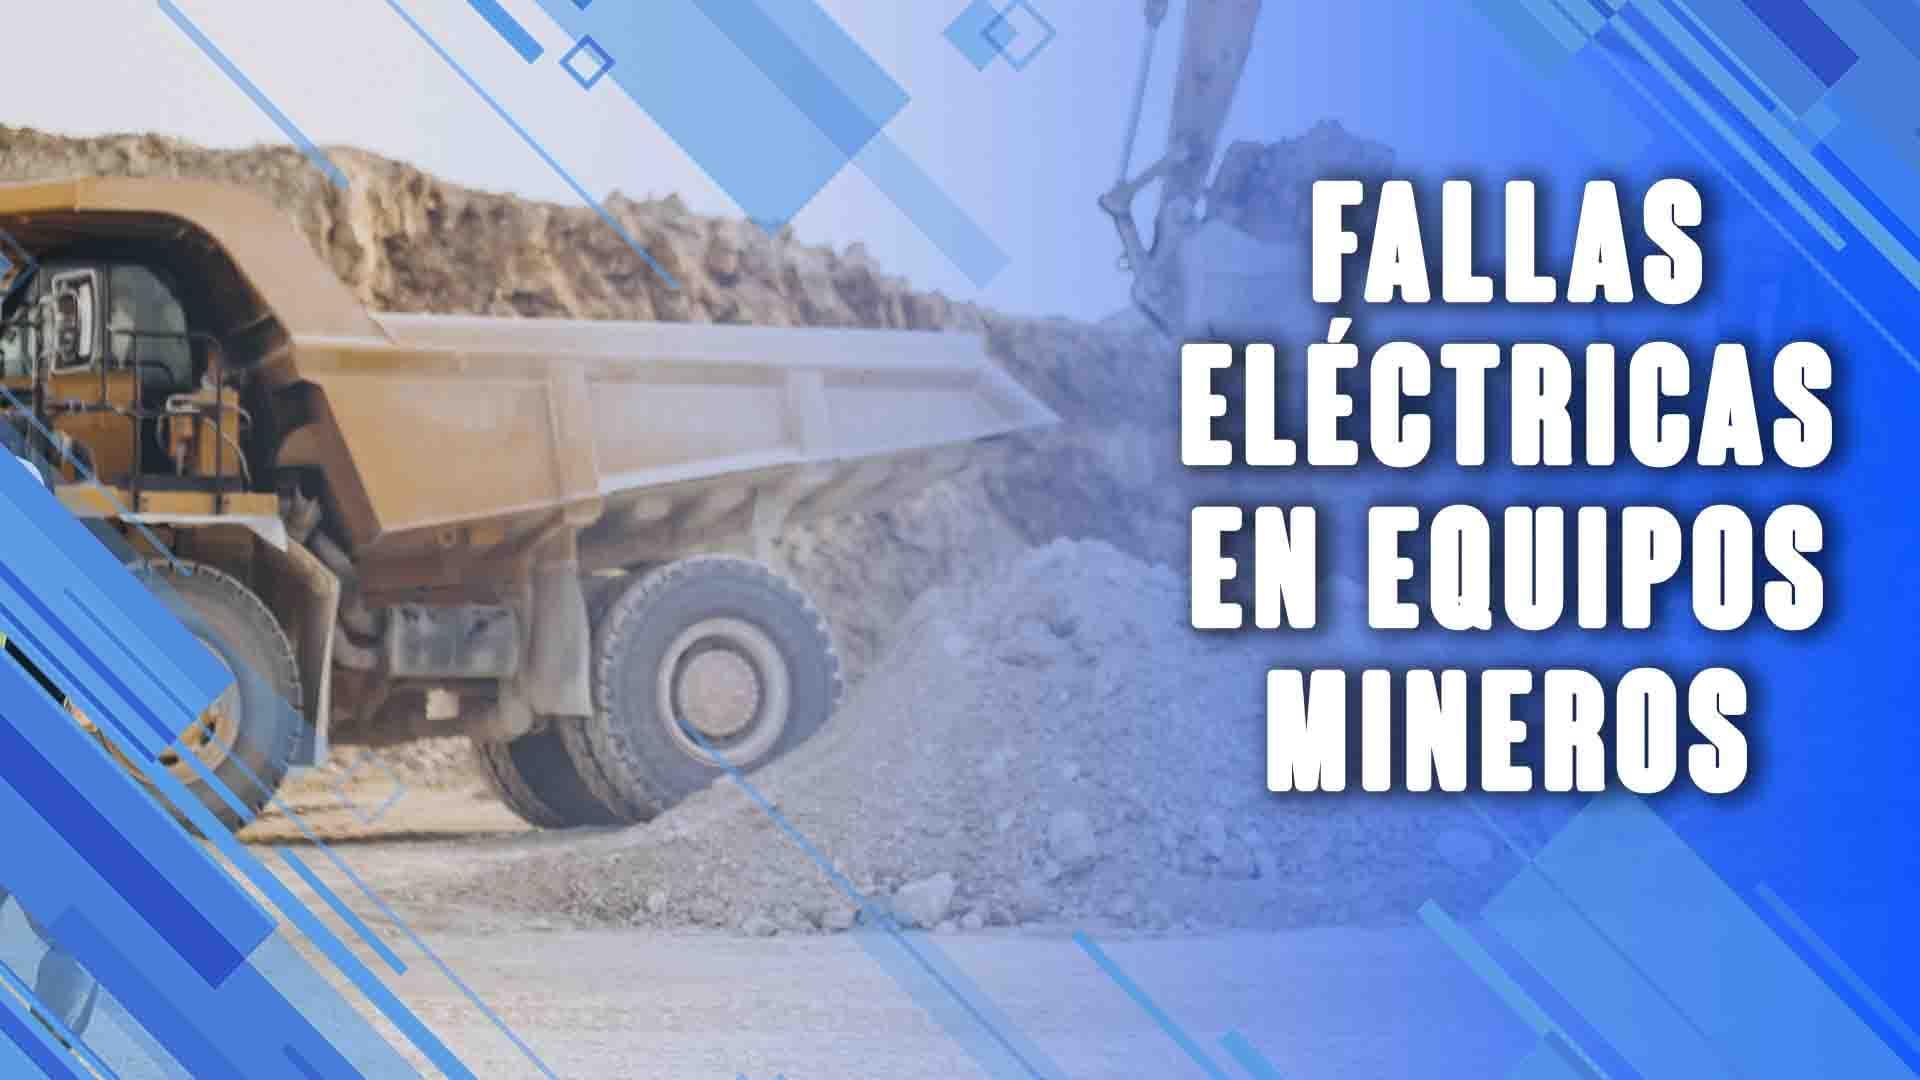 Fallas eléctricas en equipos mineros